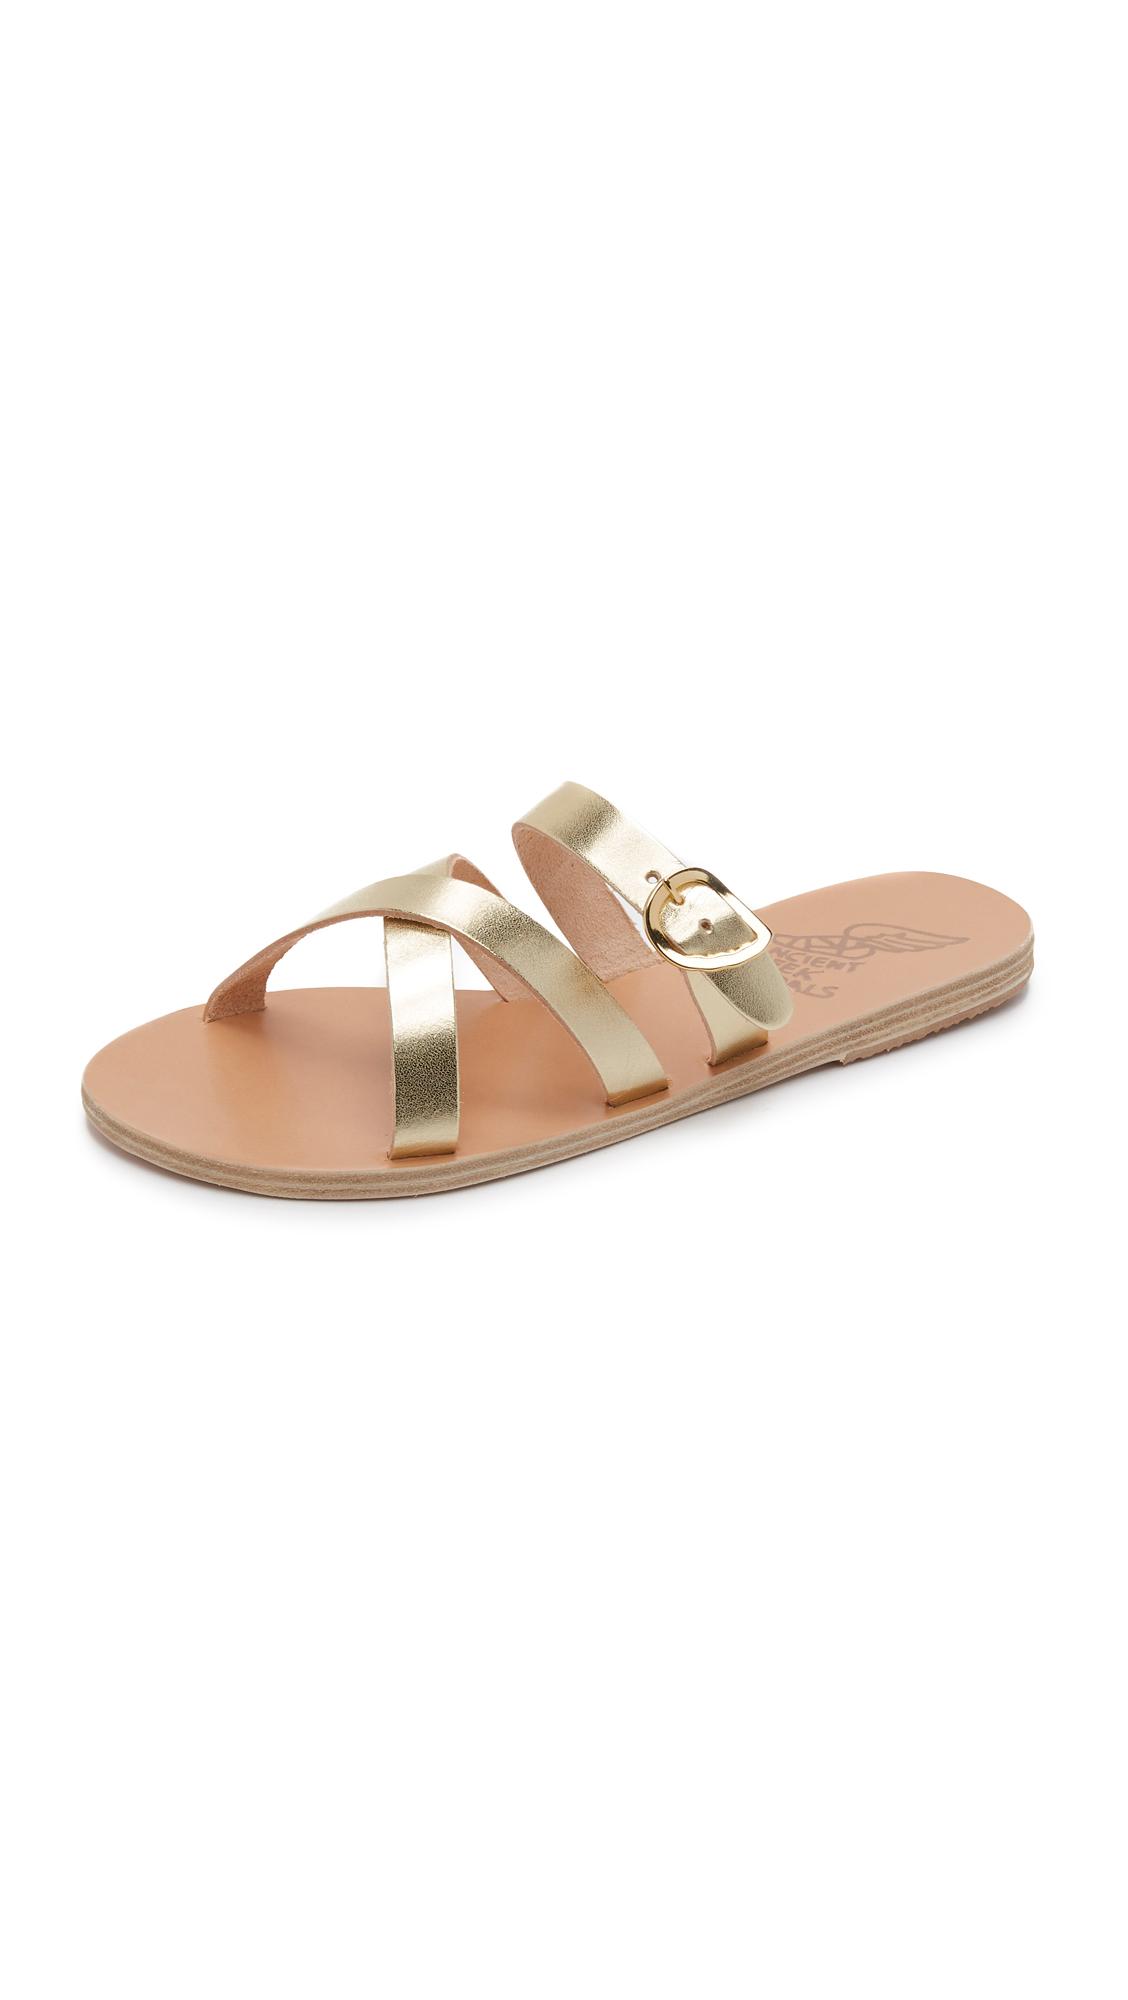 Ancient Greek Sandals Axia Slide Sandals - Platinum at Shopbop